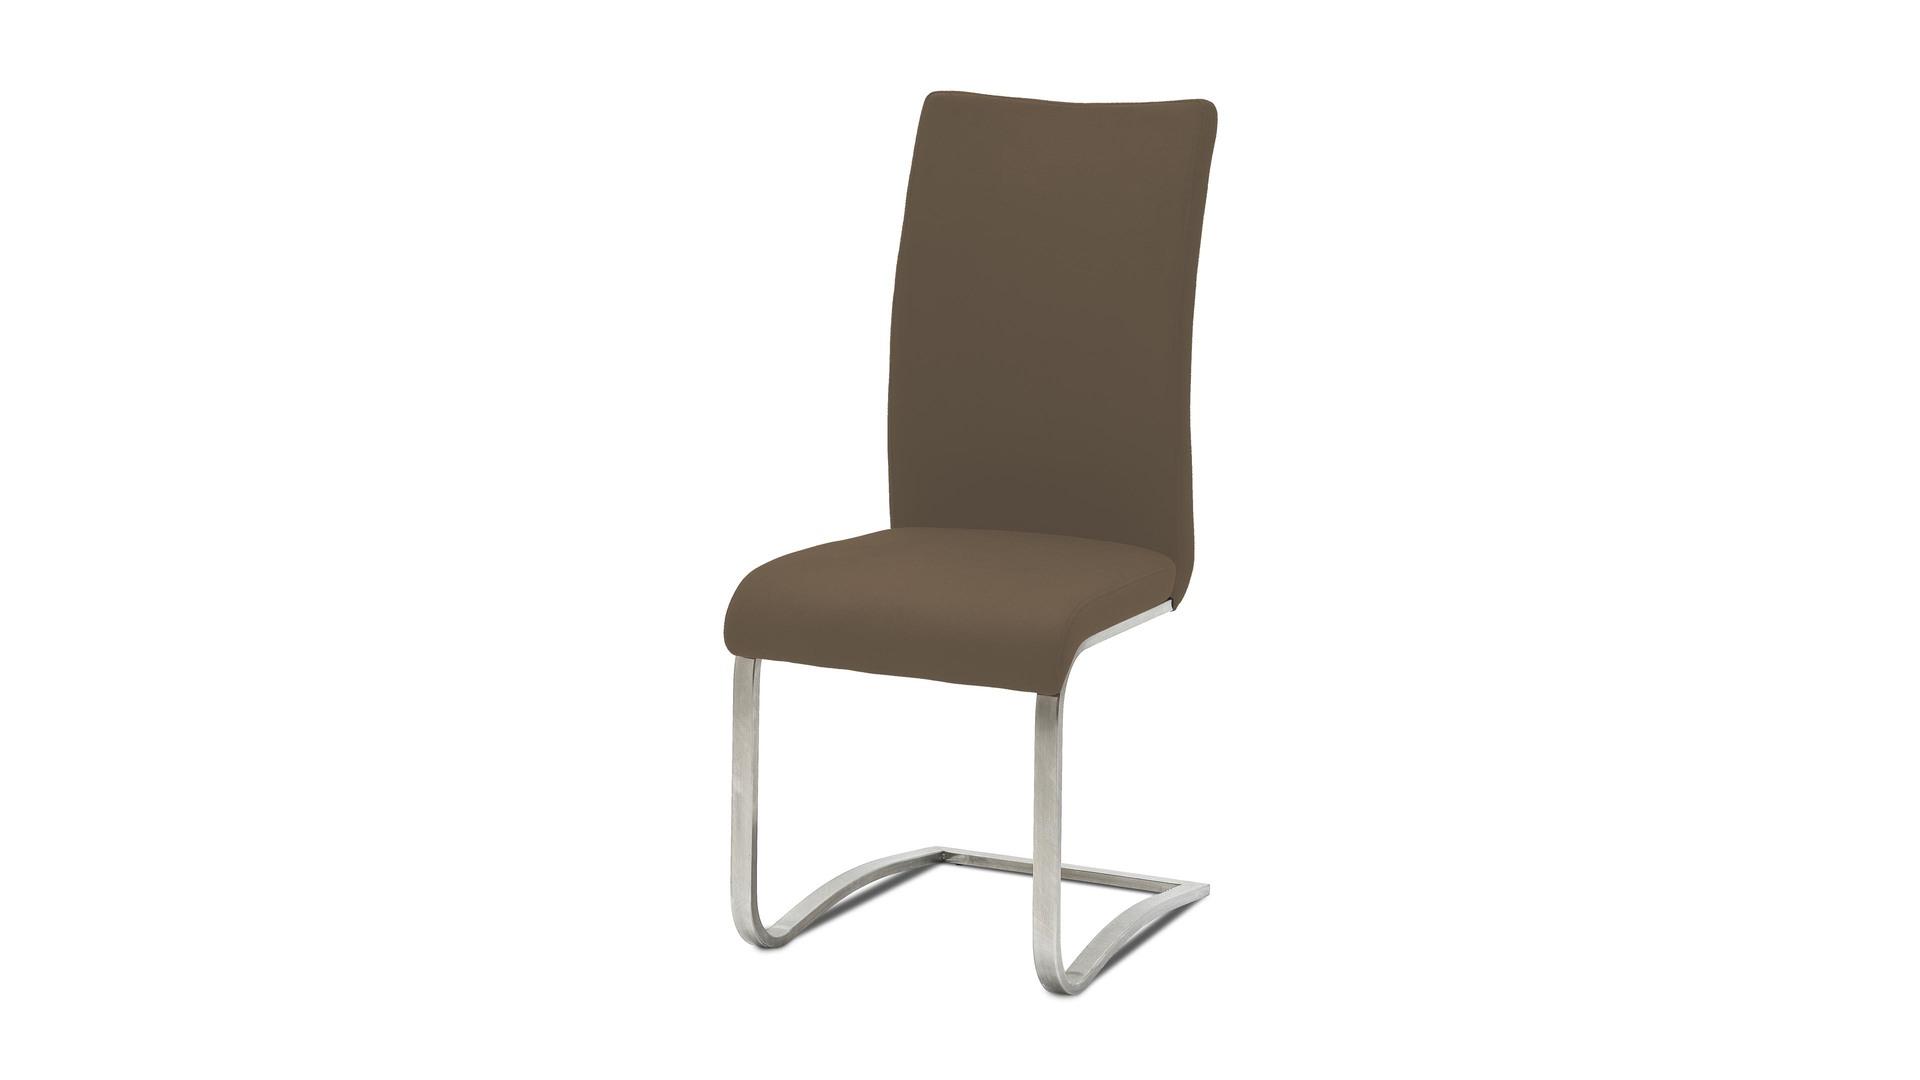 Leder-Schwingstuhl, einzeln oder mit mehreren Lederstühlen